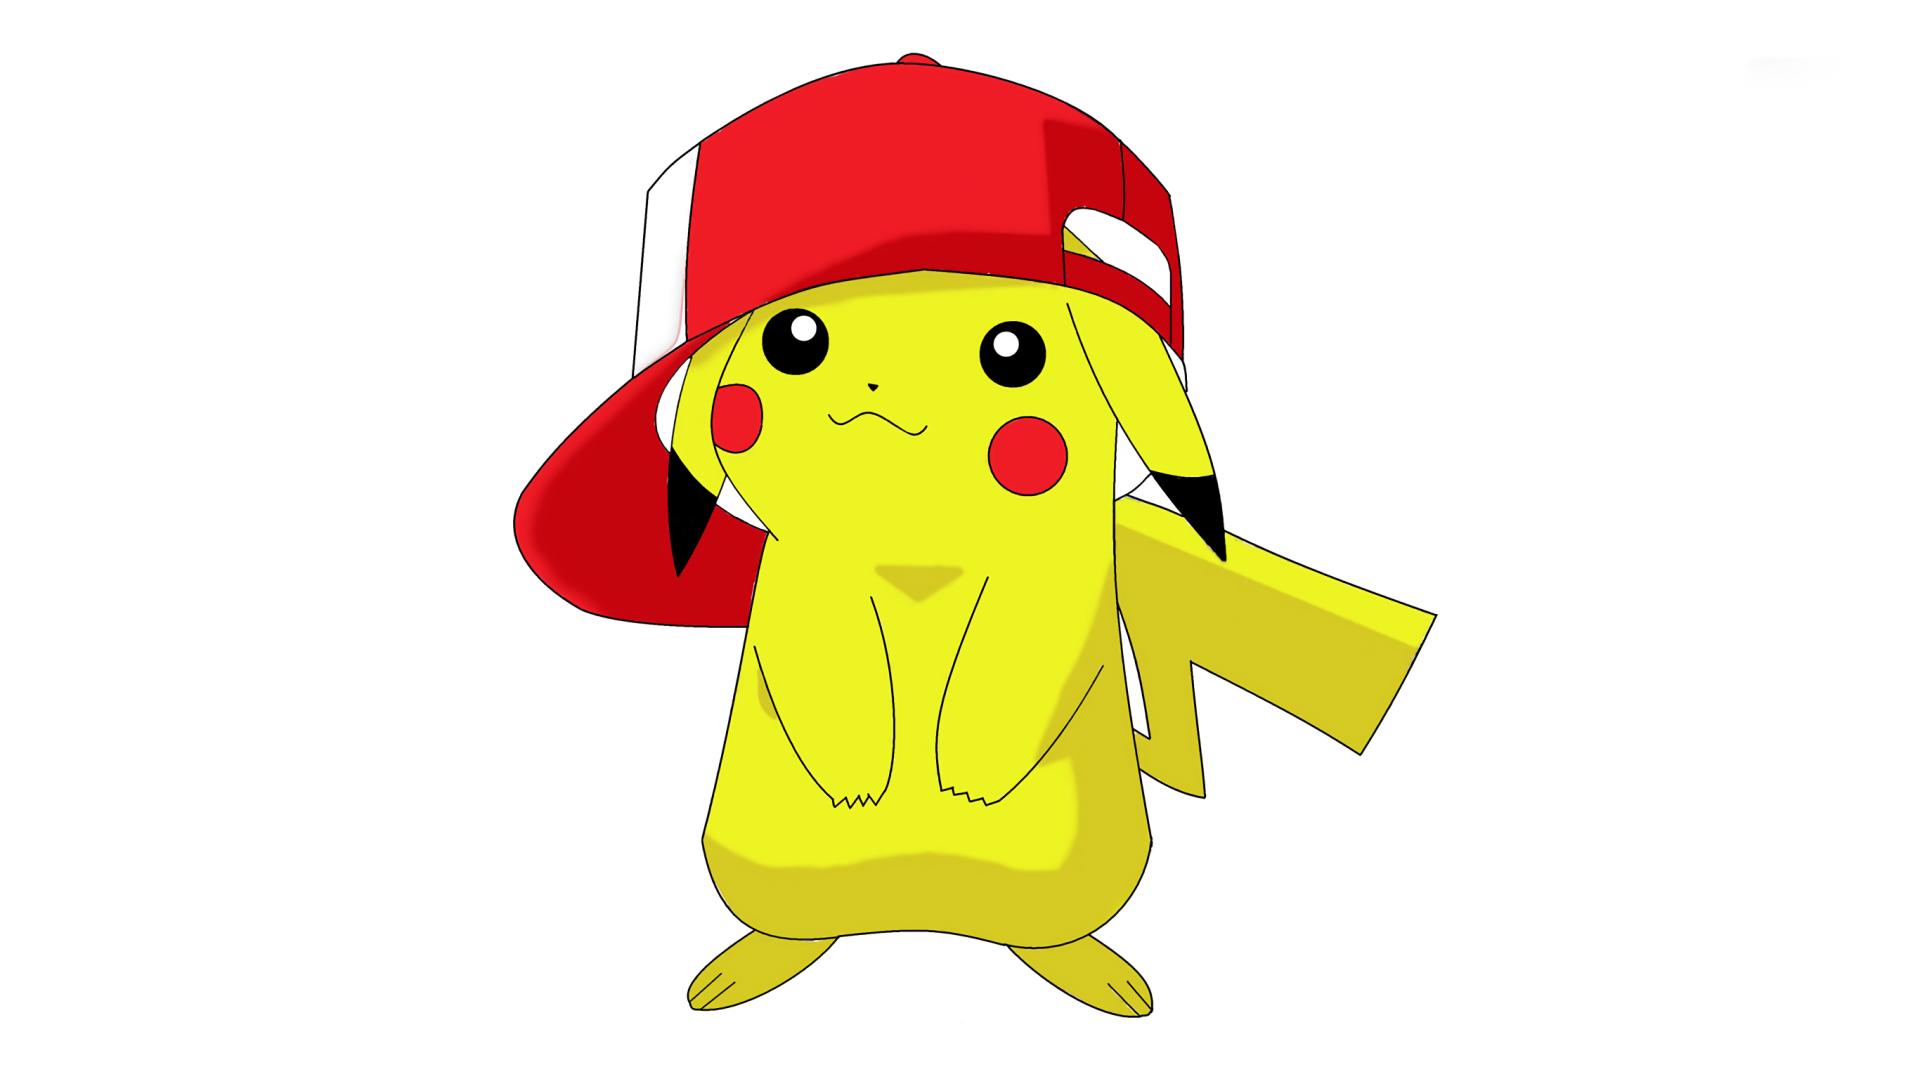 Fondos de pantalla de pokemon wallpapers de pokemon gratis - Image pikachu ...